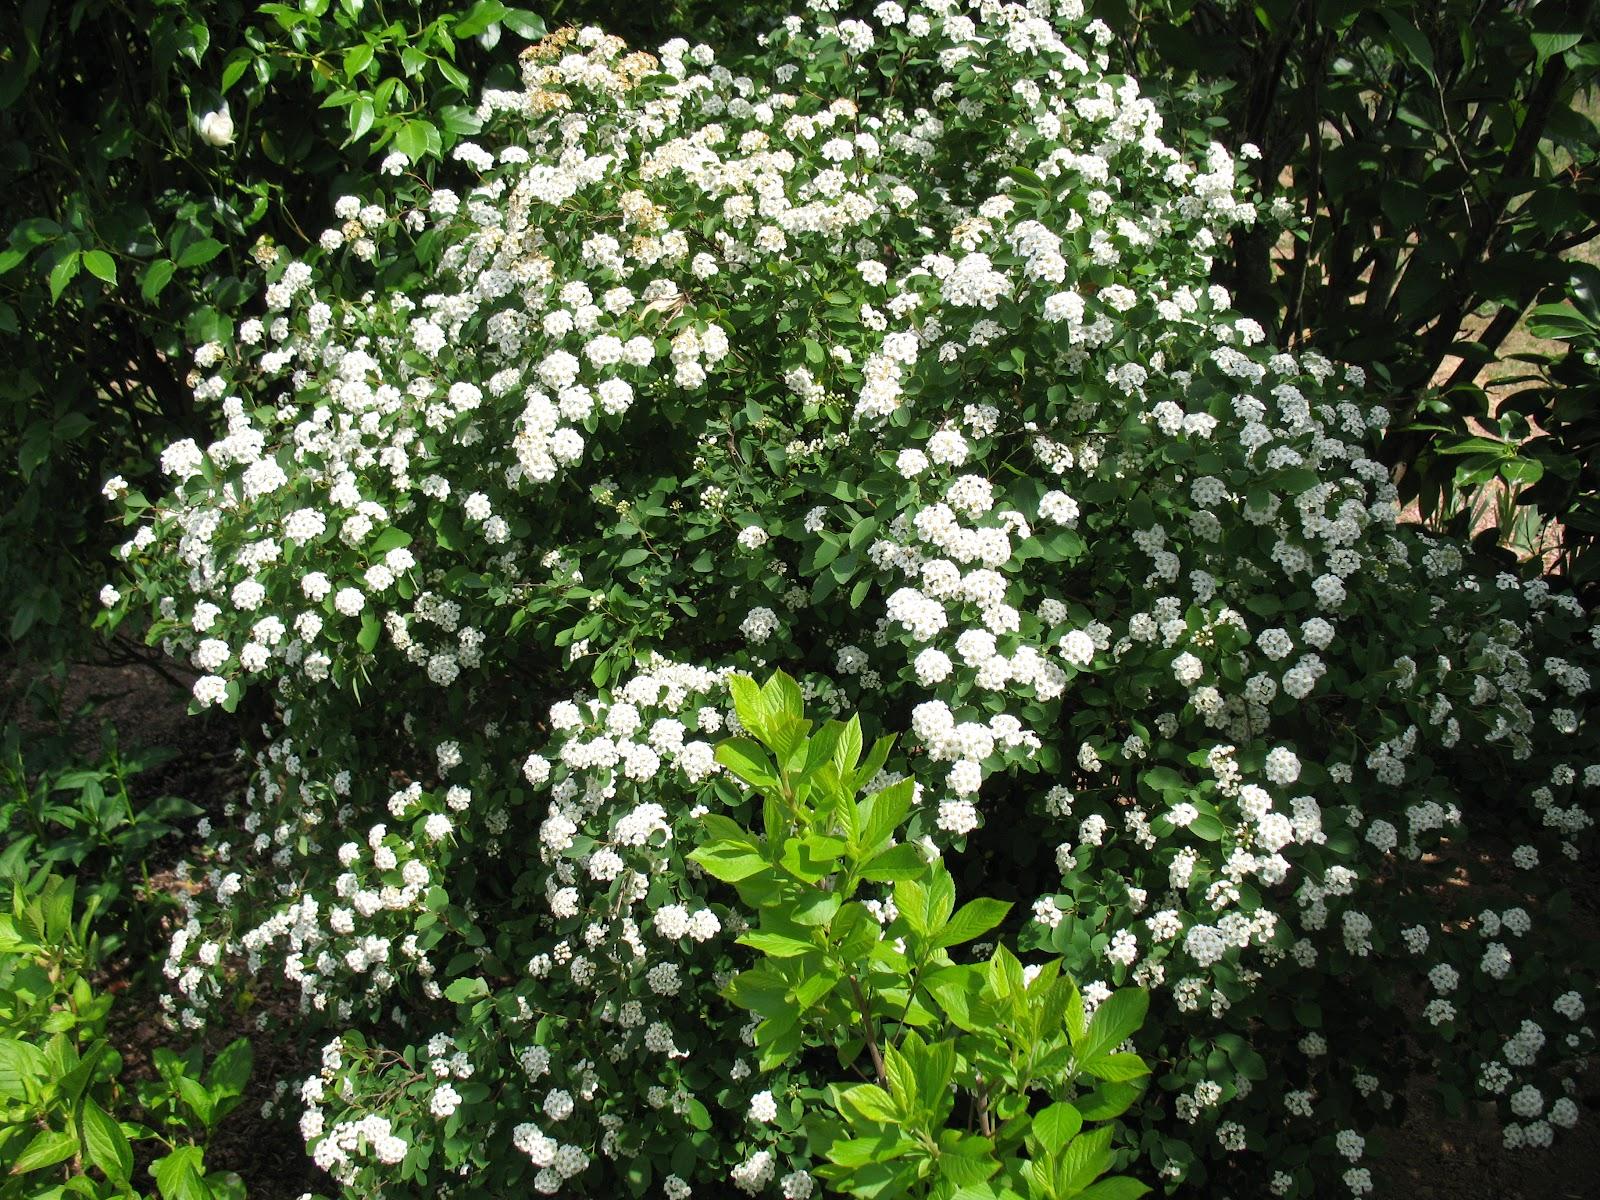 roses du jardin ch neland fleurs blanches du mois de mai. Black Bedroom Furniture Sets. Home Design Ideas